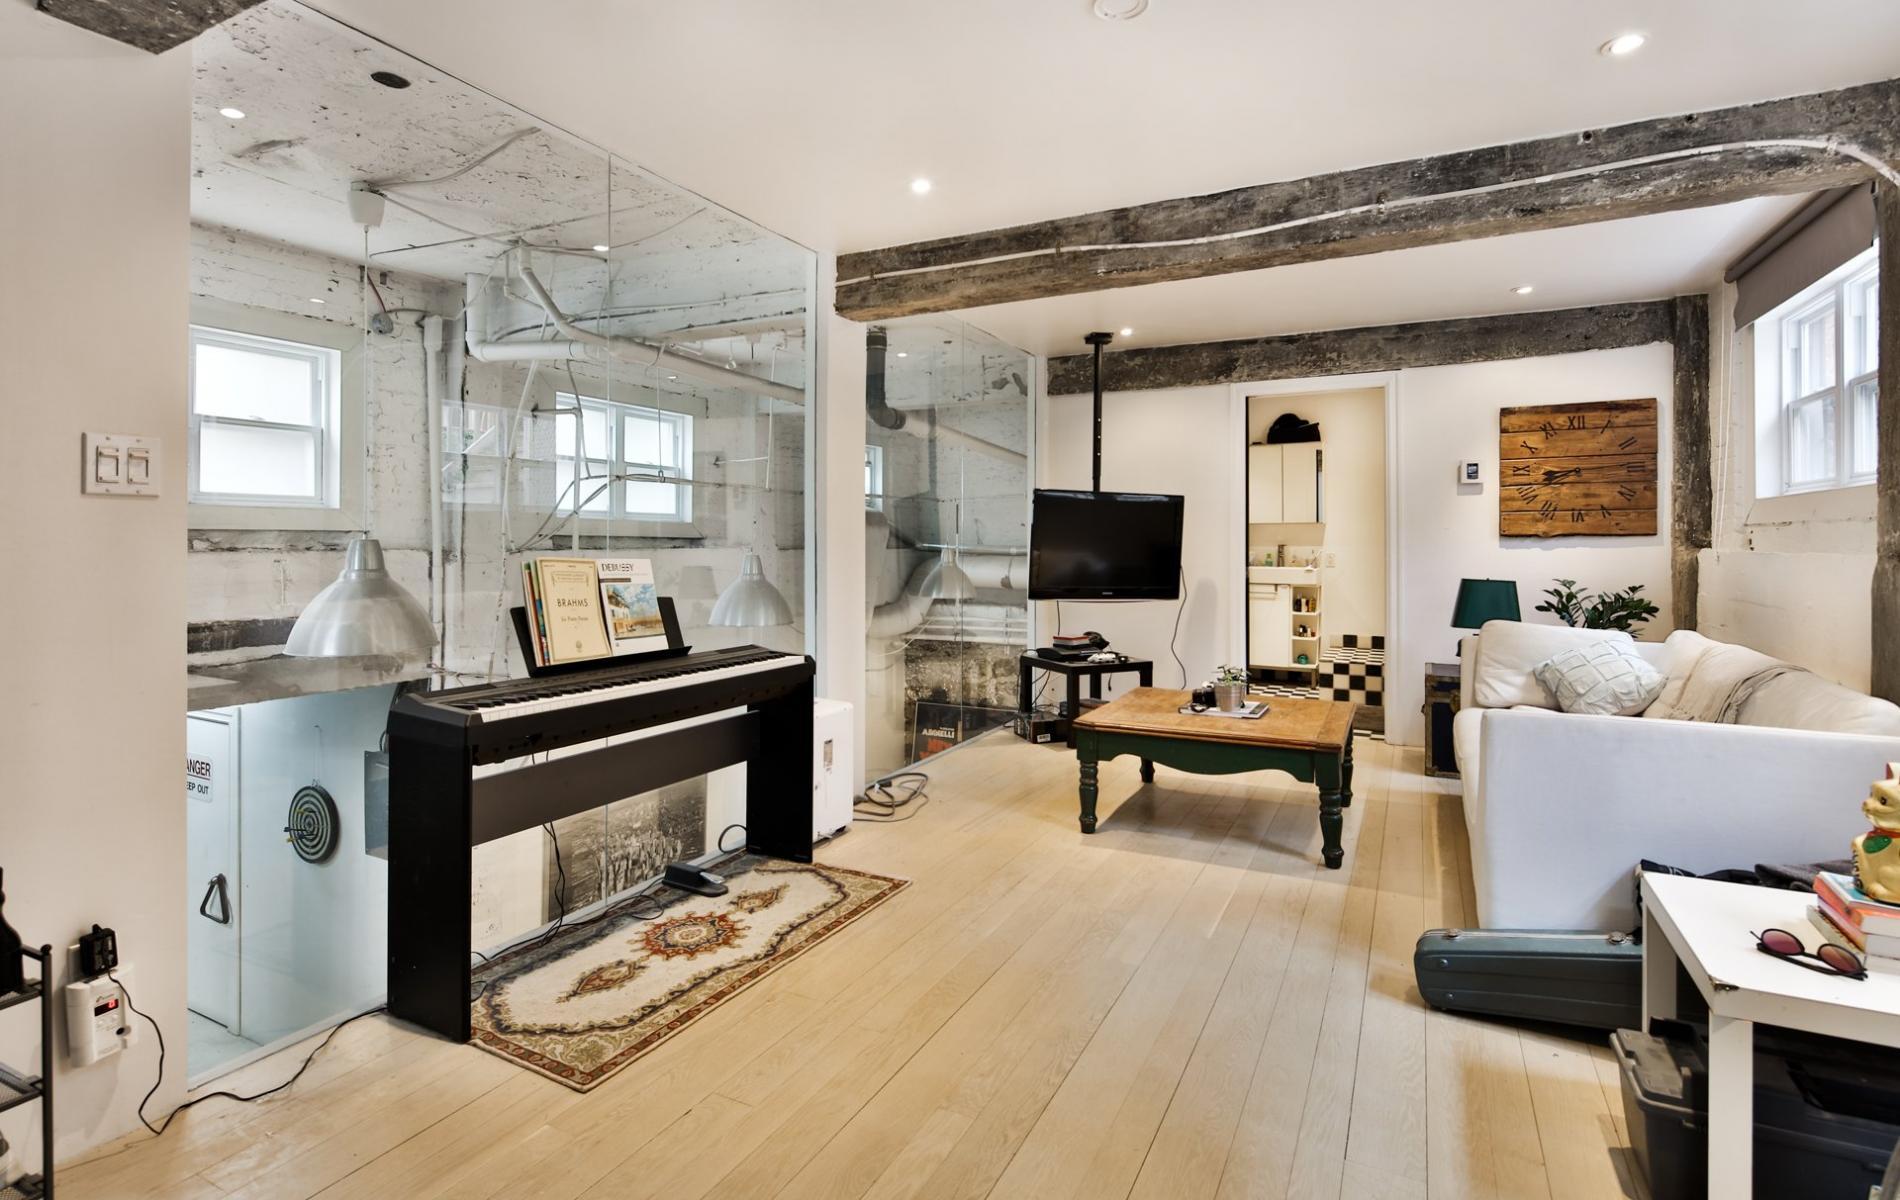 Cette petite maison vendre sur le plateau mont royal est parfaite pour l artiste qui se cache for Decoration petite maison